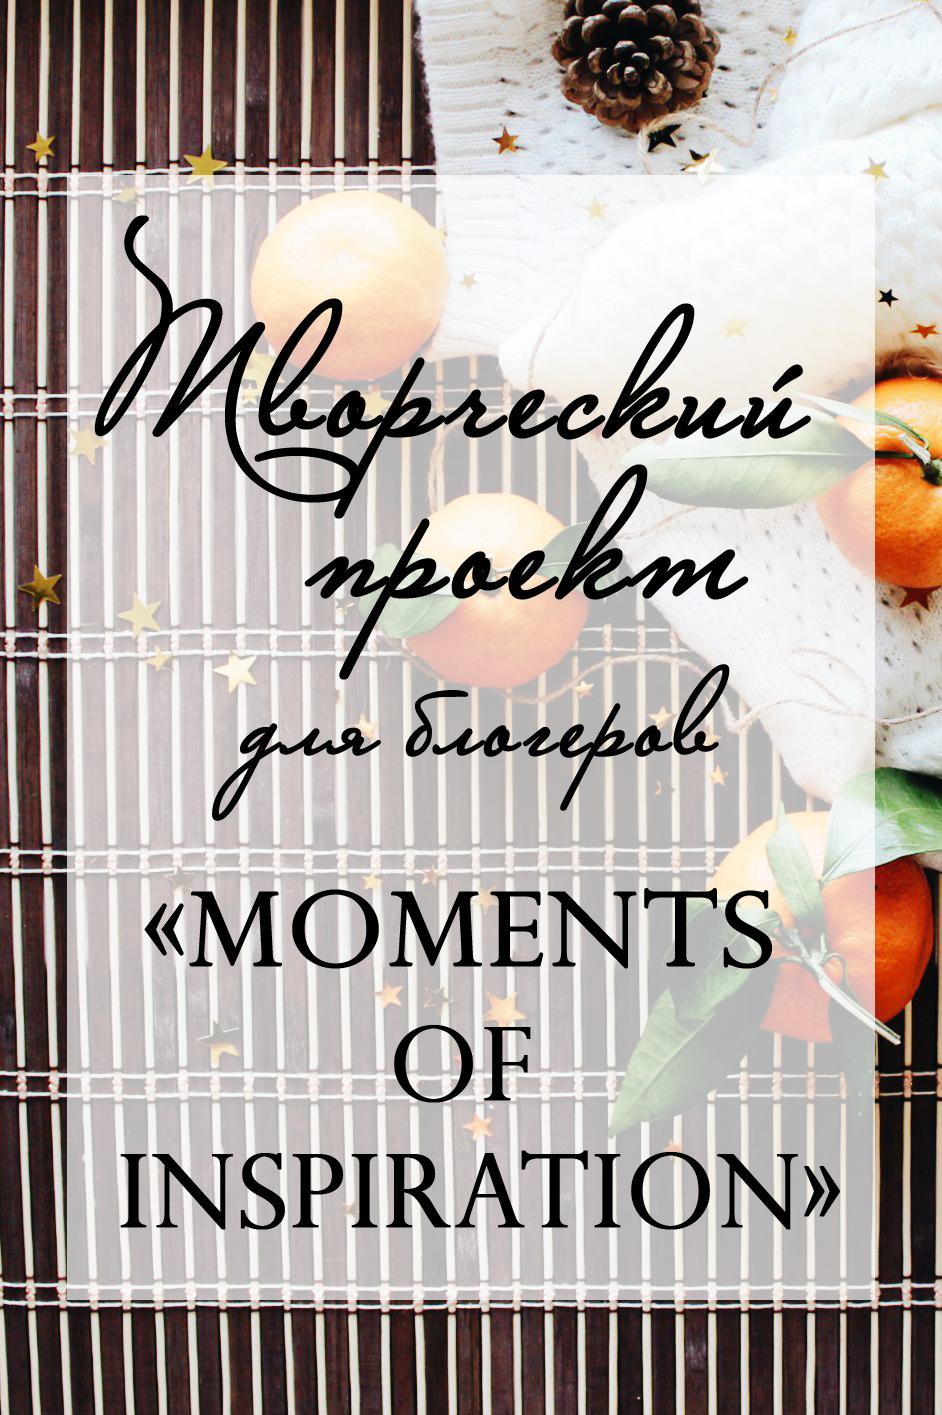 """Творческий проект-марафон для блогеров """"Moments of inspiration"""""""